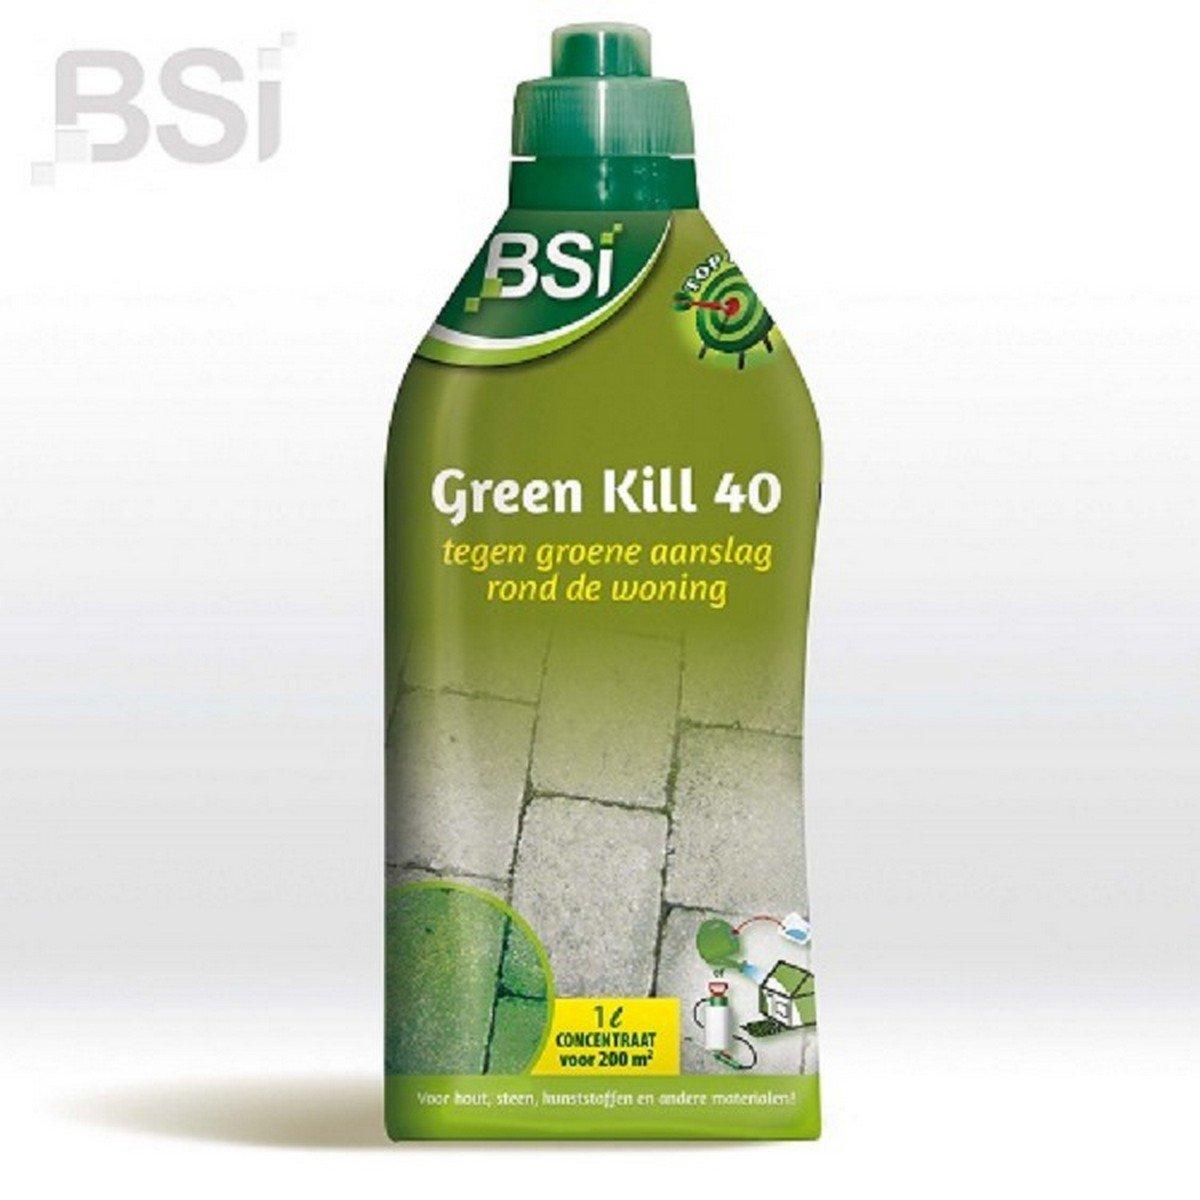 Afbeelding van BSI Aanslagreiniger Green Kill 1000 ml